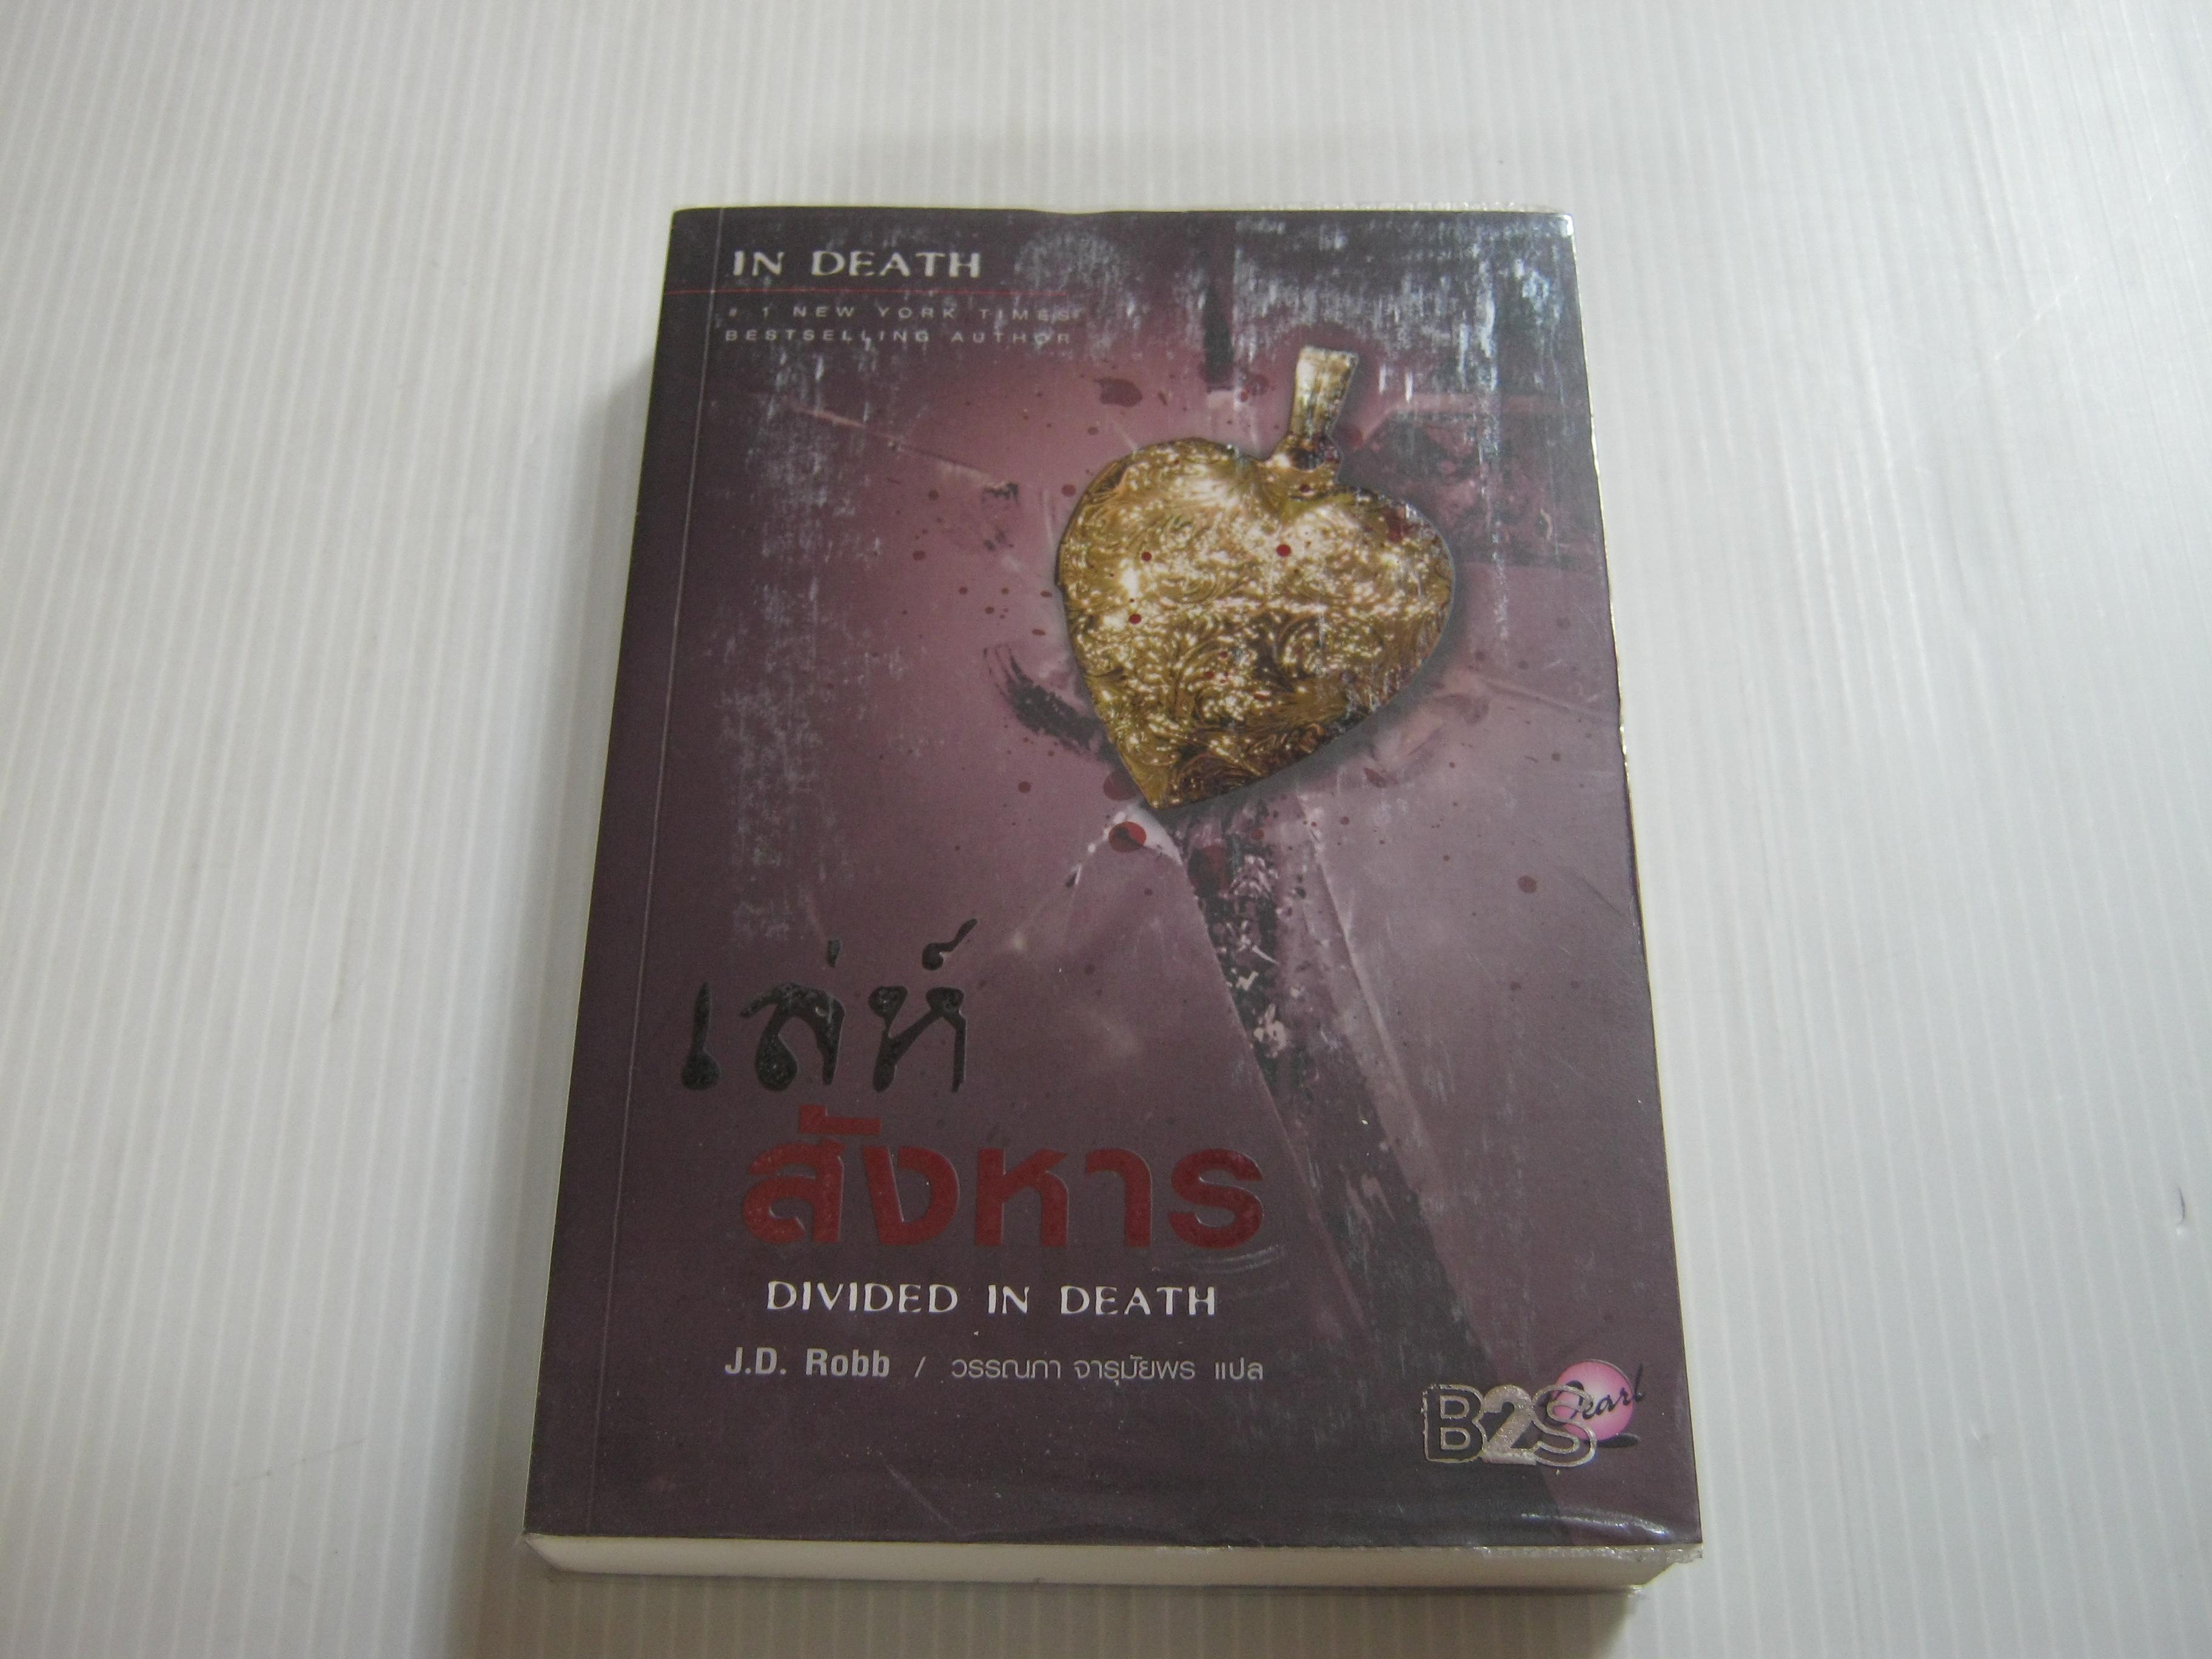 เล่ห์สังหาร (Divided in Death) J.D. Robb เขียน วรรณภา จารุมัยพร แปล